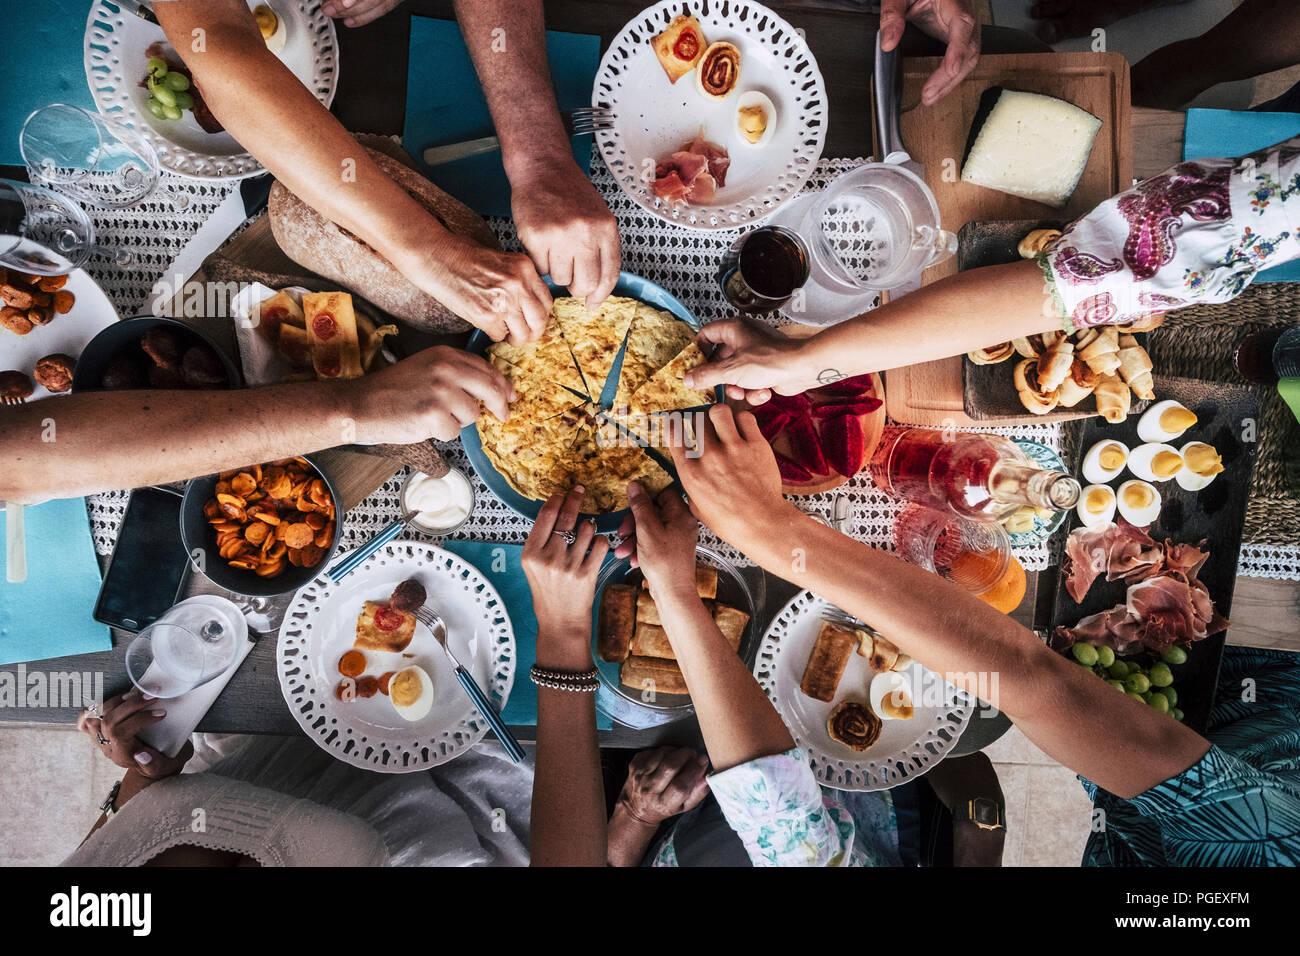 Essen Catering Küche kulinarische Gourmet Party Cheers Konzept Freundschaft und Abendessen zusammen. Handys auf den Tisch, Muster und Hintergrund colorfu Stockbild